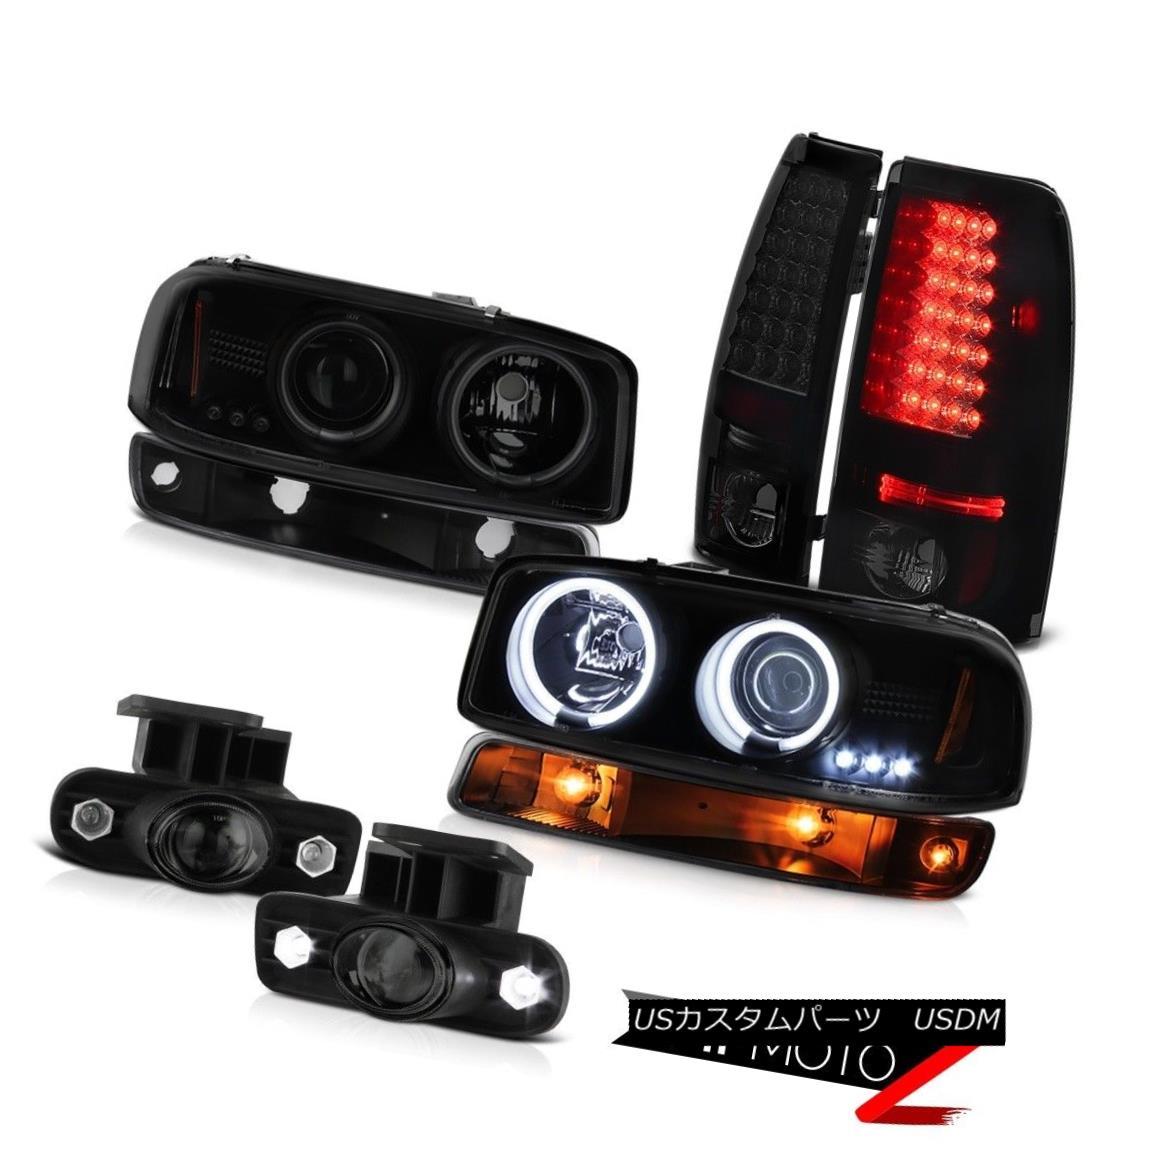 テールライト 1999-2002 Sierra SLT Smoked foglights led taillights signal lamp ccfl headlights 1999-2002 Sierra SLTスモーク・フォグライト・テールランプ信号ランプccflヘッドライト